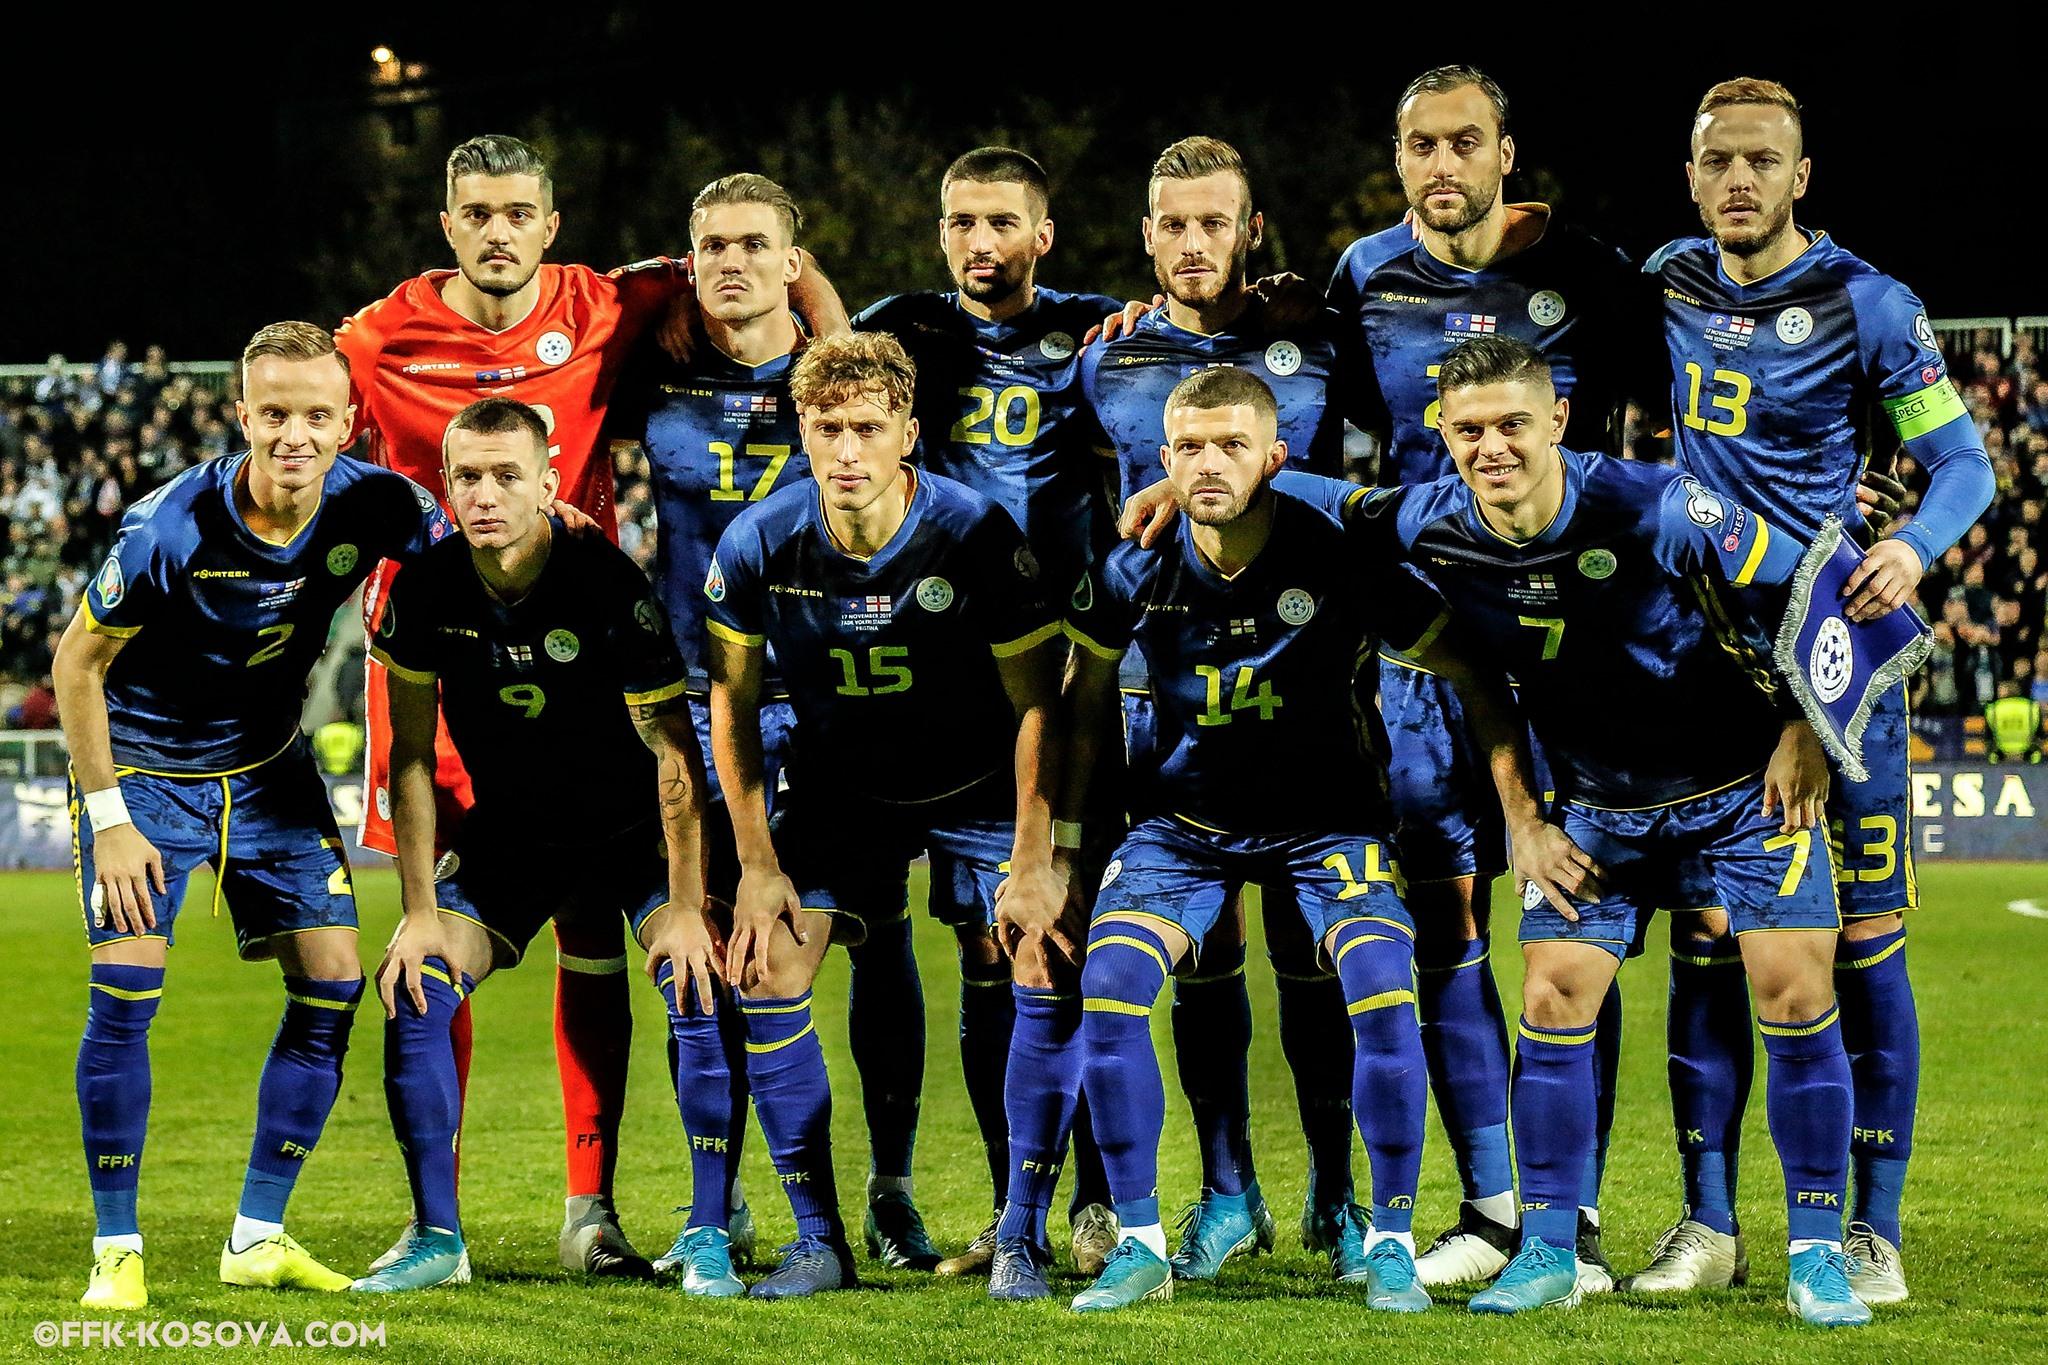 Kosova sot mëson nëse finalja e Ligës së Kombeve mund të luhet në  Fadil Vokrri